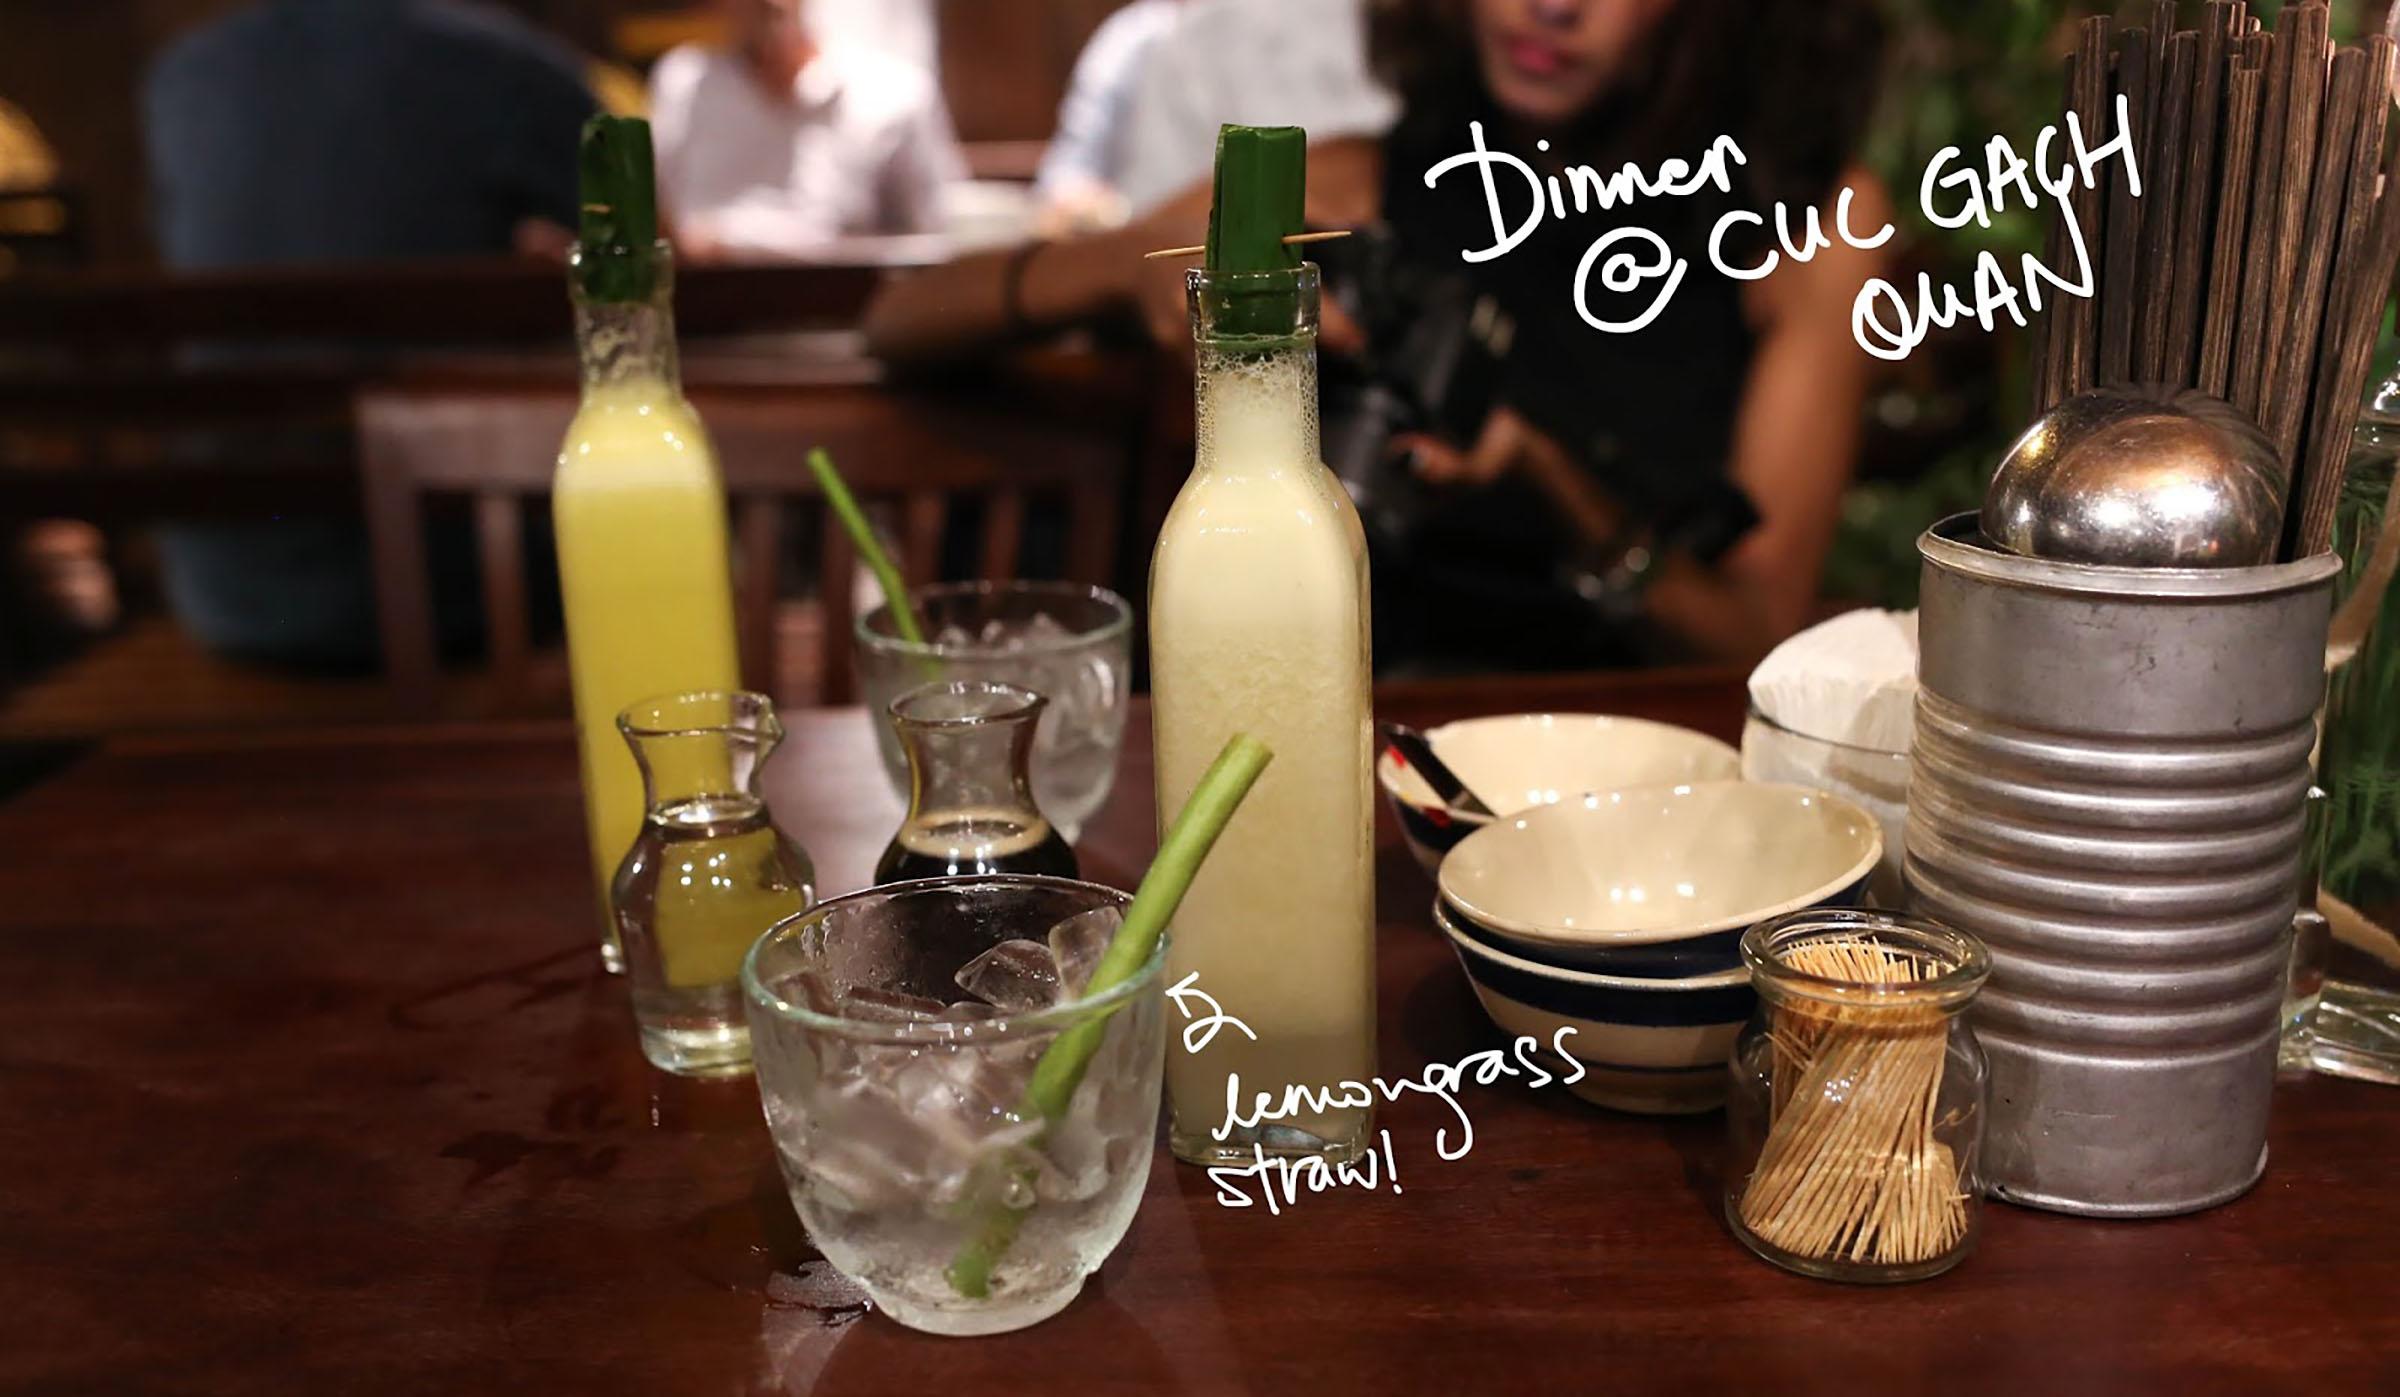 Cuc Gach Quan - Review